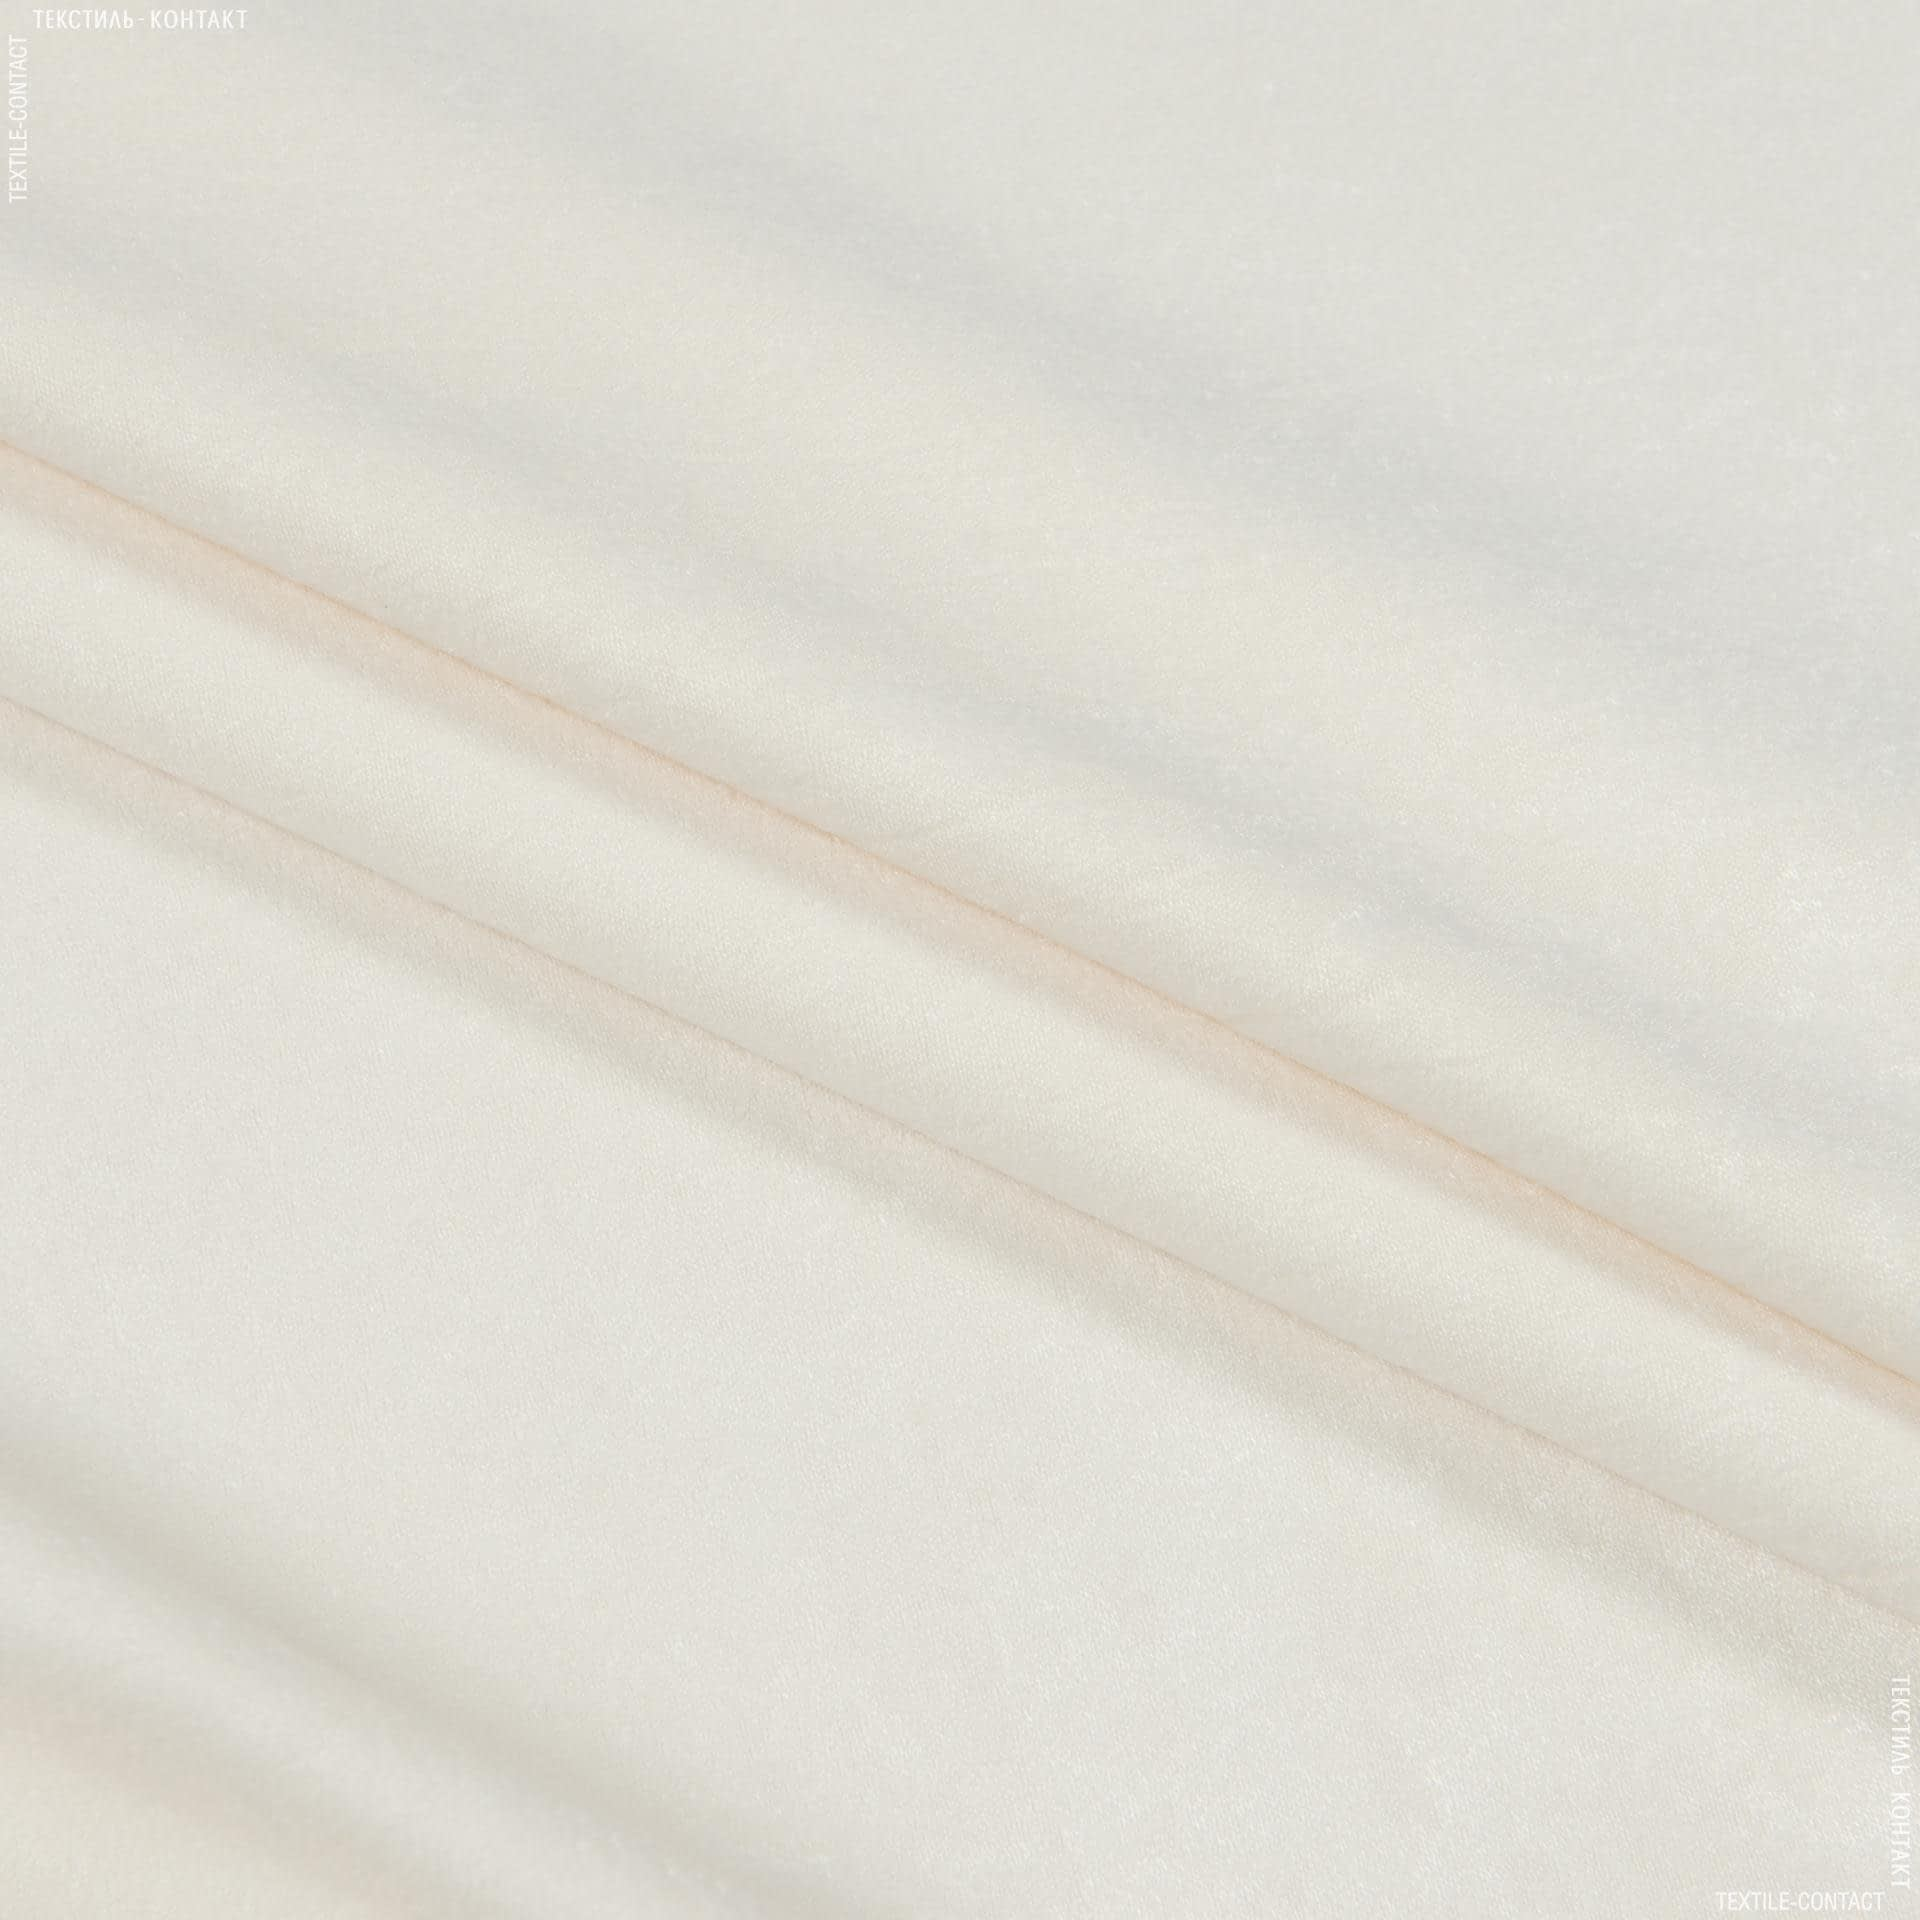 Ткани портьерные ткани - Чин-чила  софт мрамор огнеупорная fr/ крем-брюле